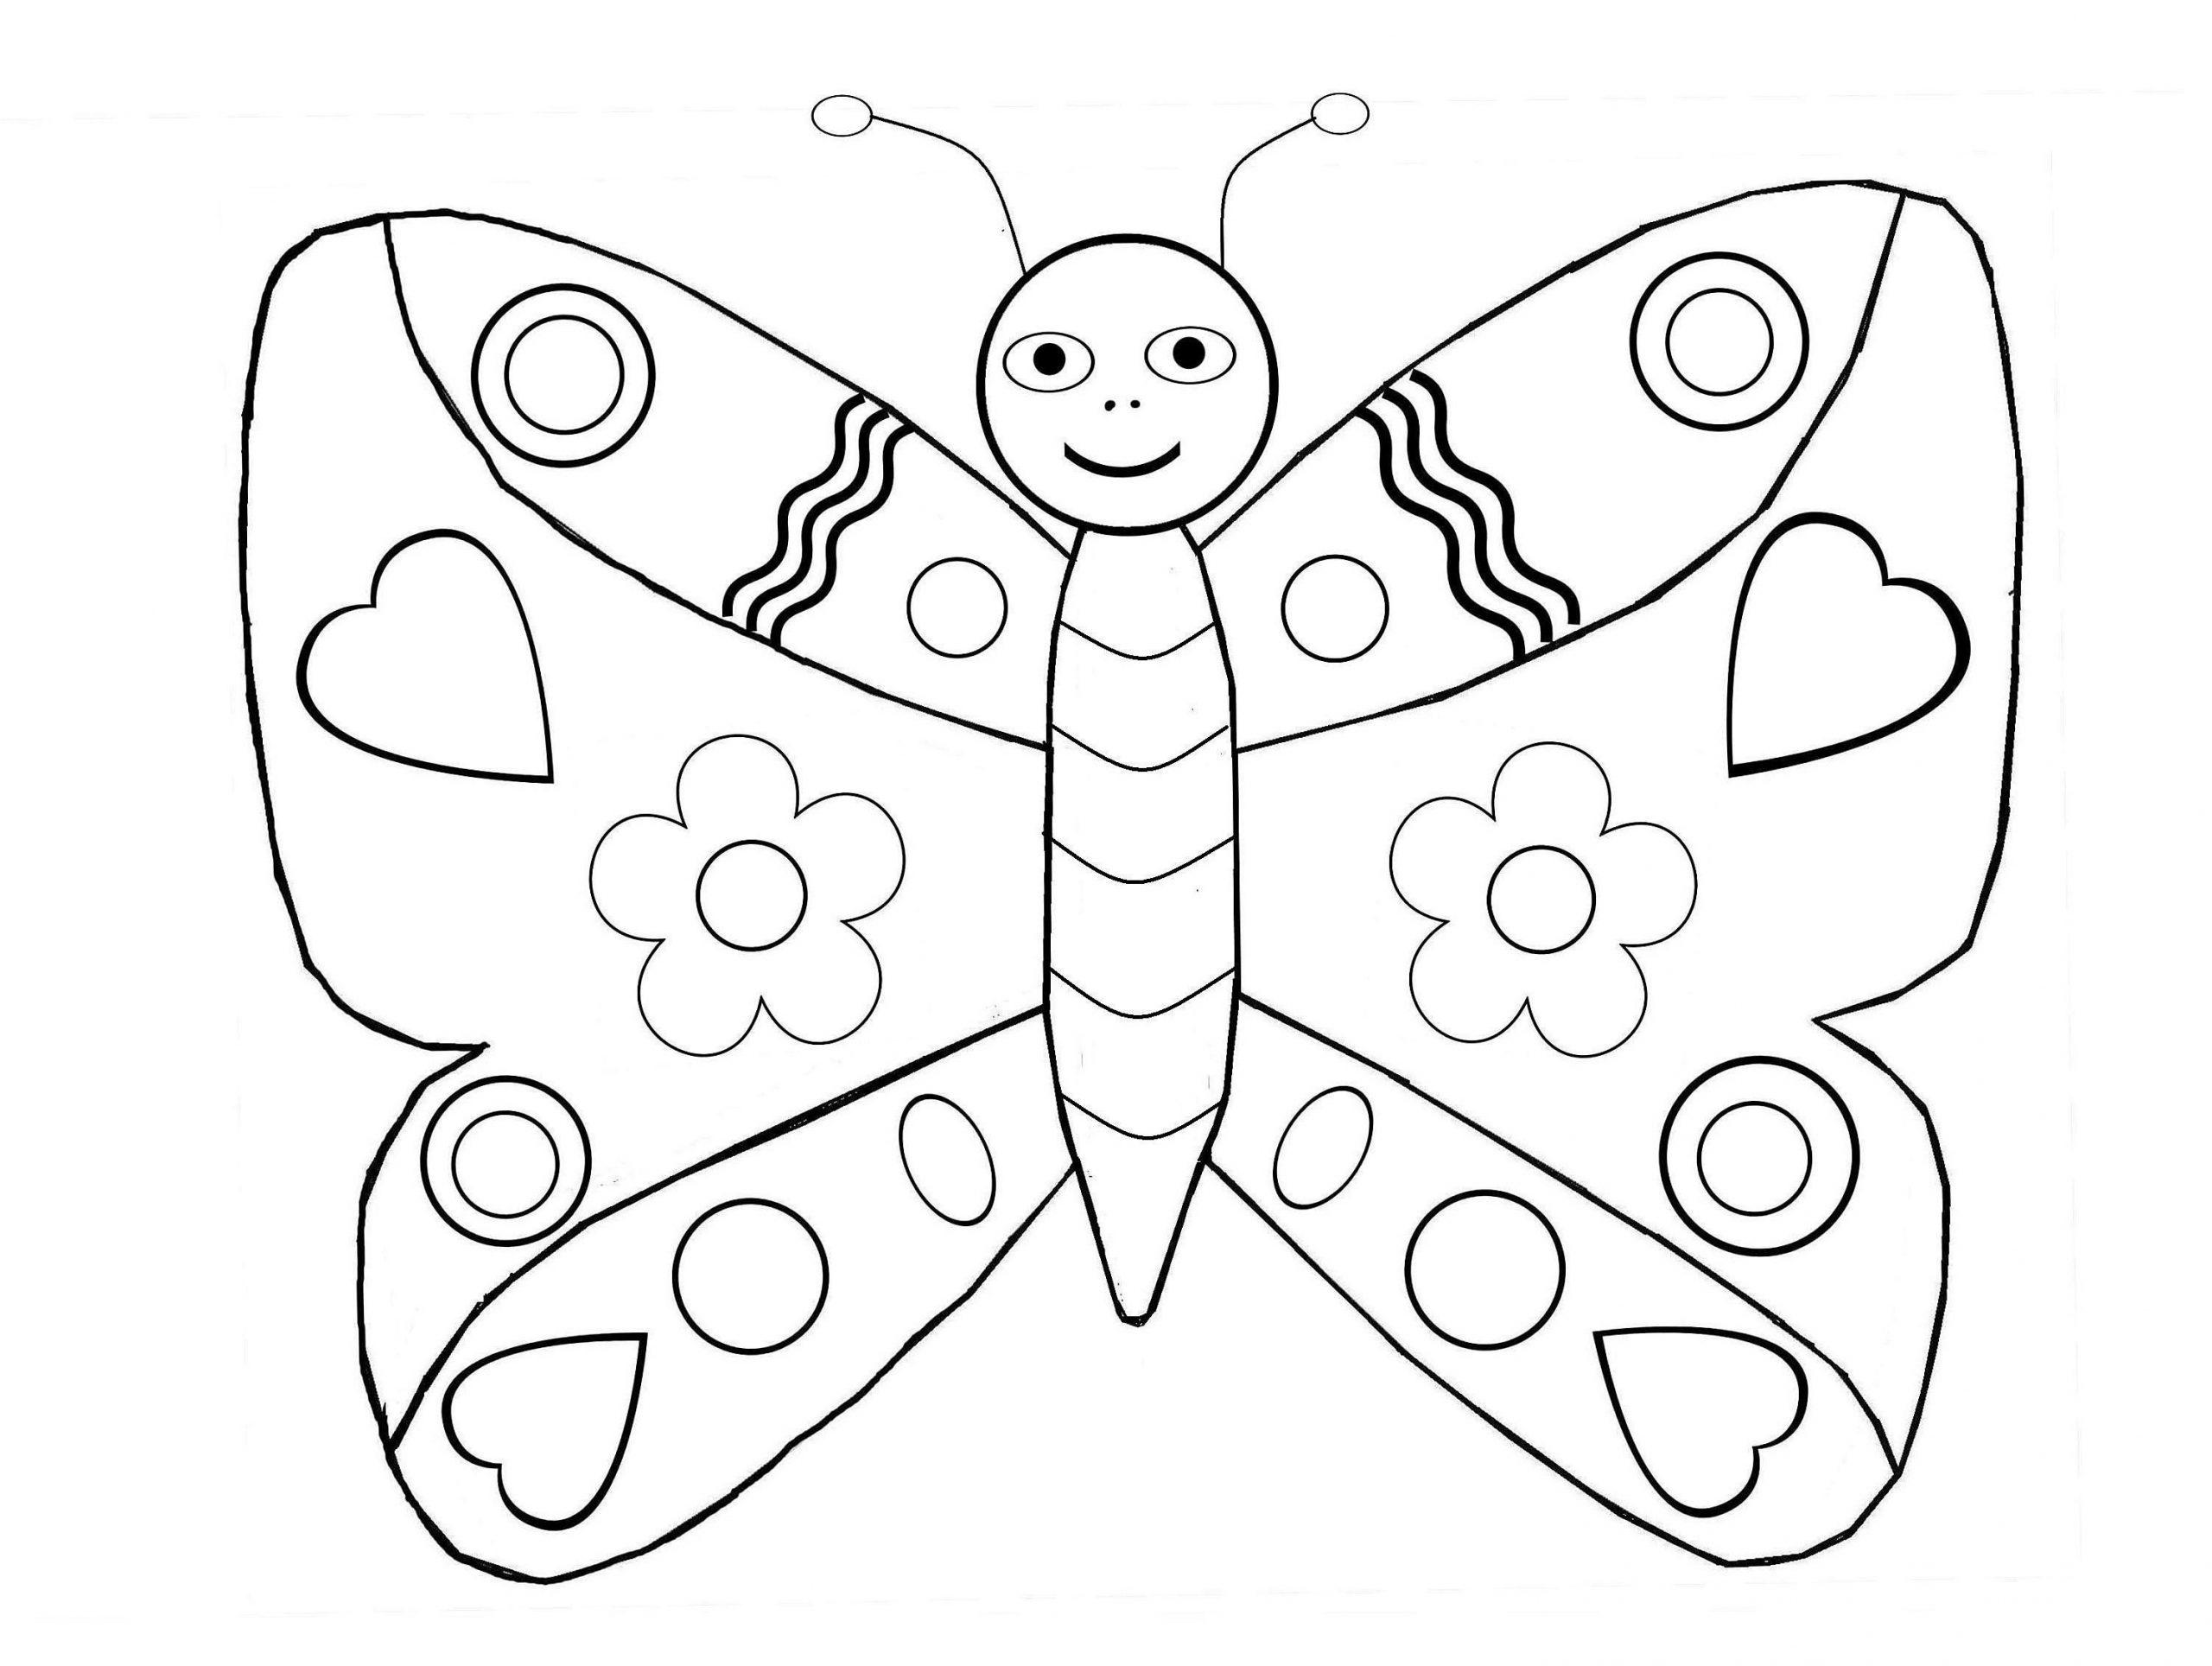 Beau Coloriage 3 Ans A Imprimer Gratuit | Coloriage Enfant dedans Coloriage Gratuit À Imprimer Pour Fille